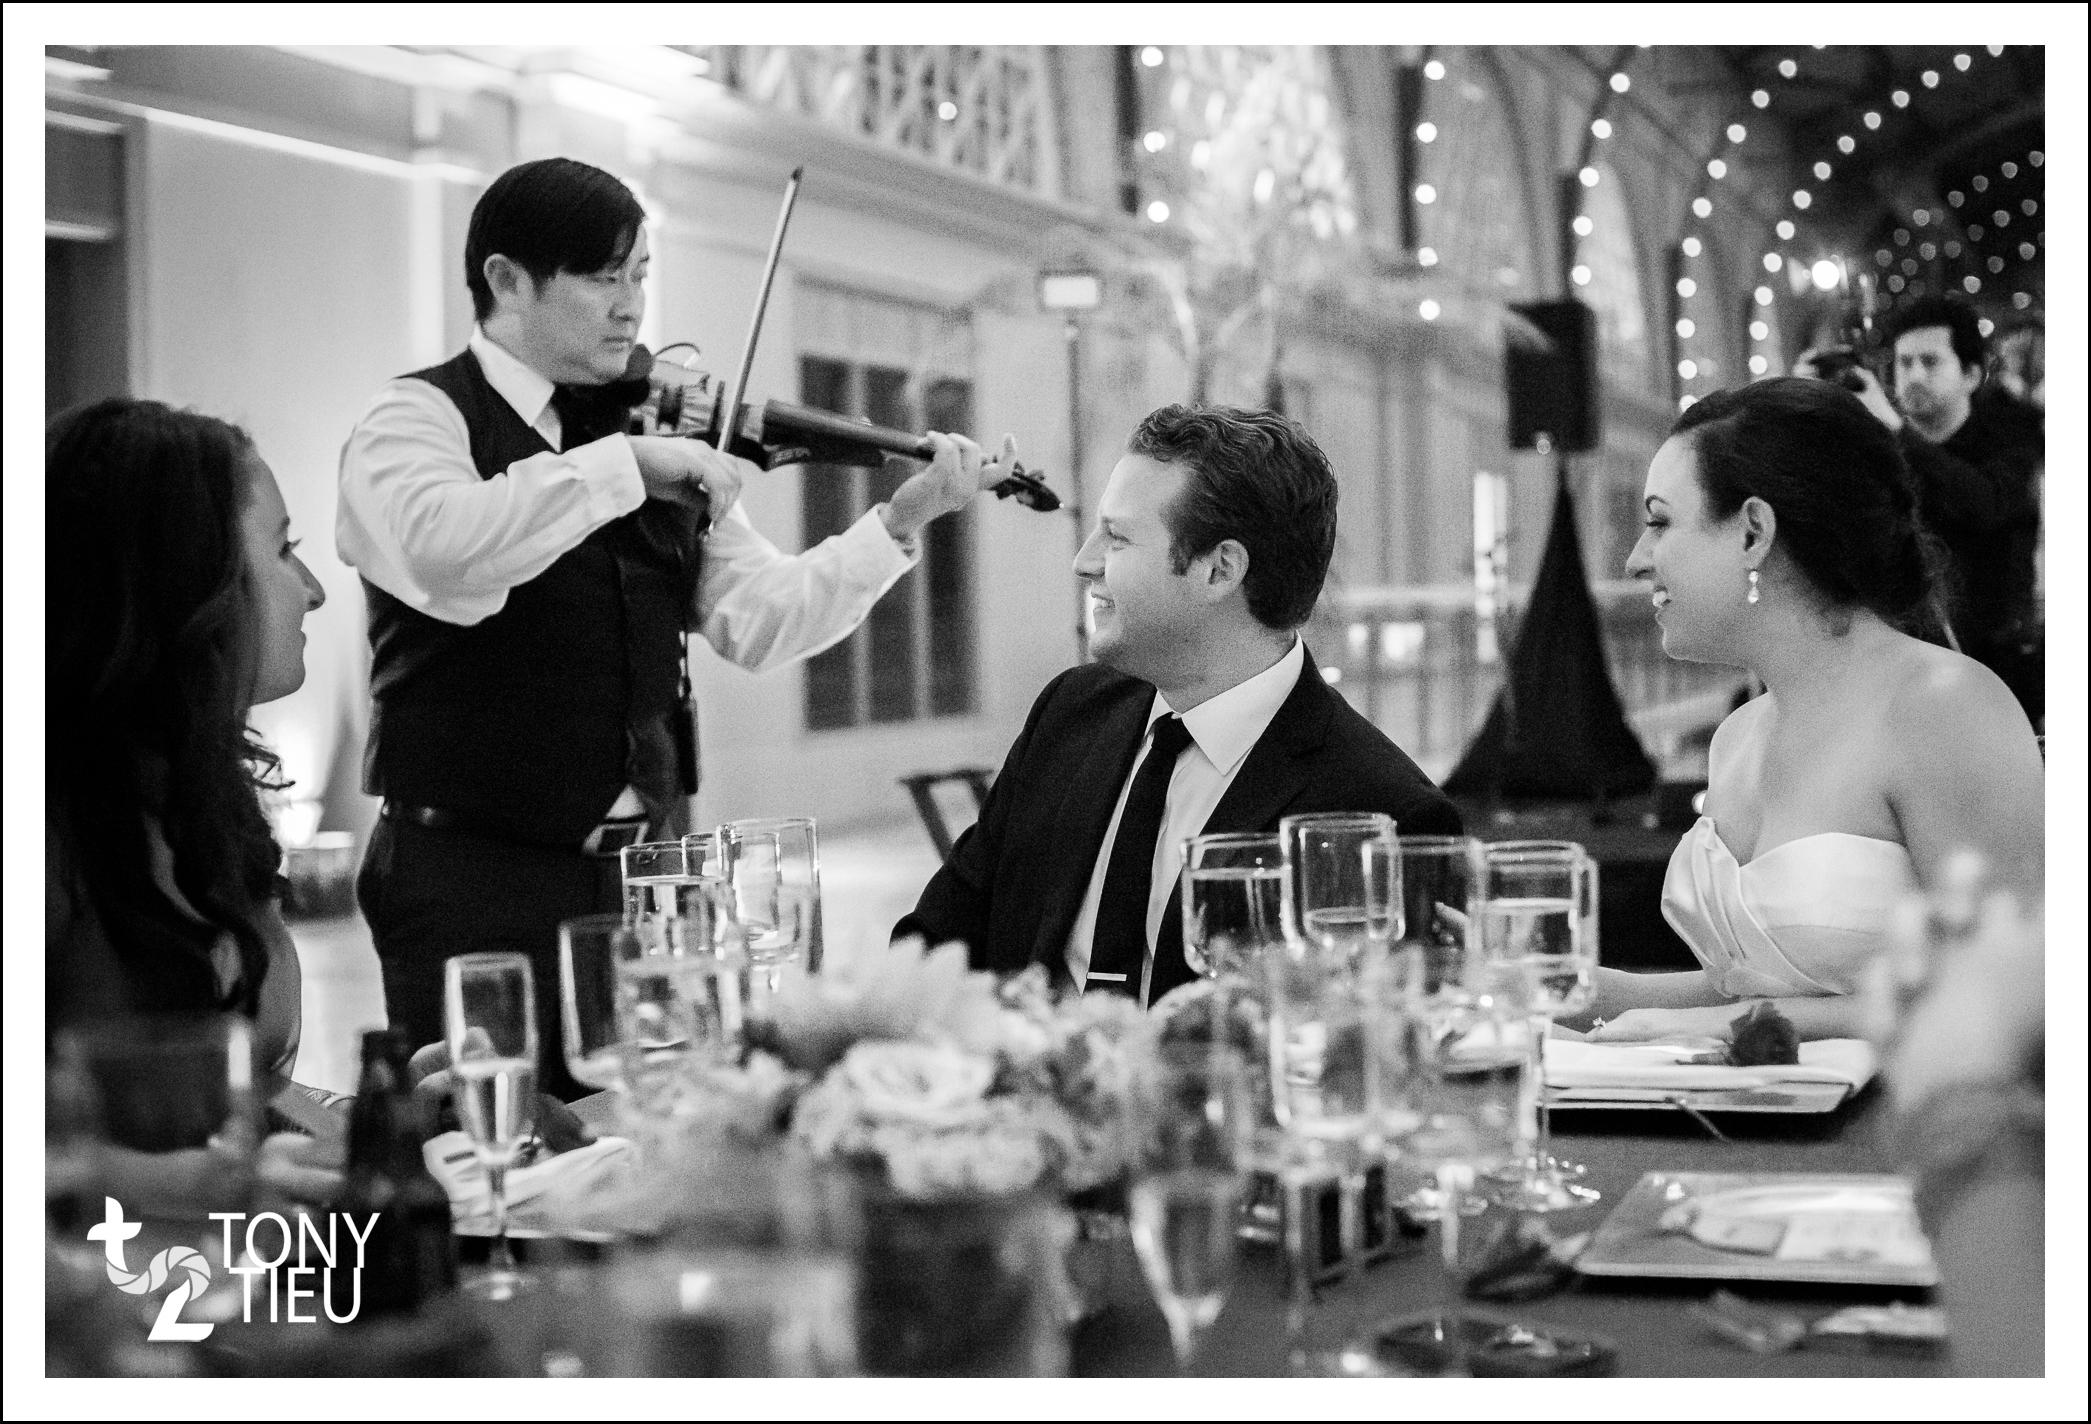 Tony_Tieu_Quint_Wedding_12